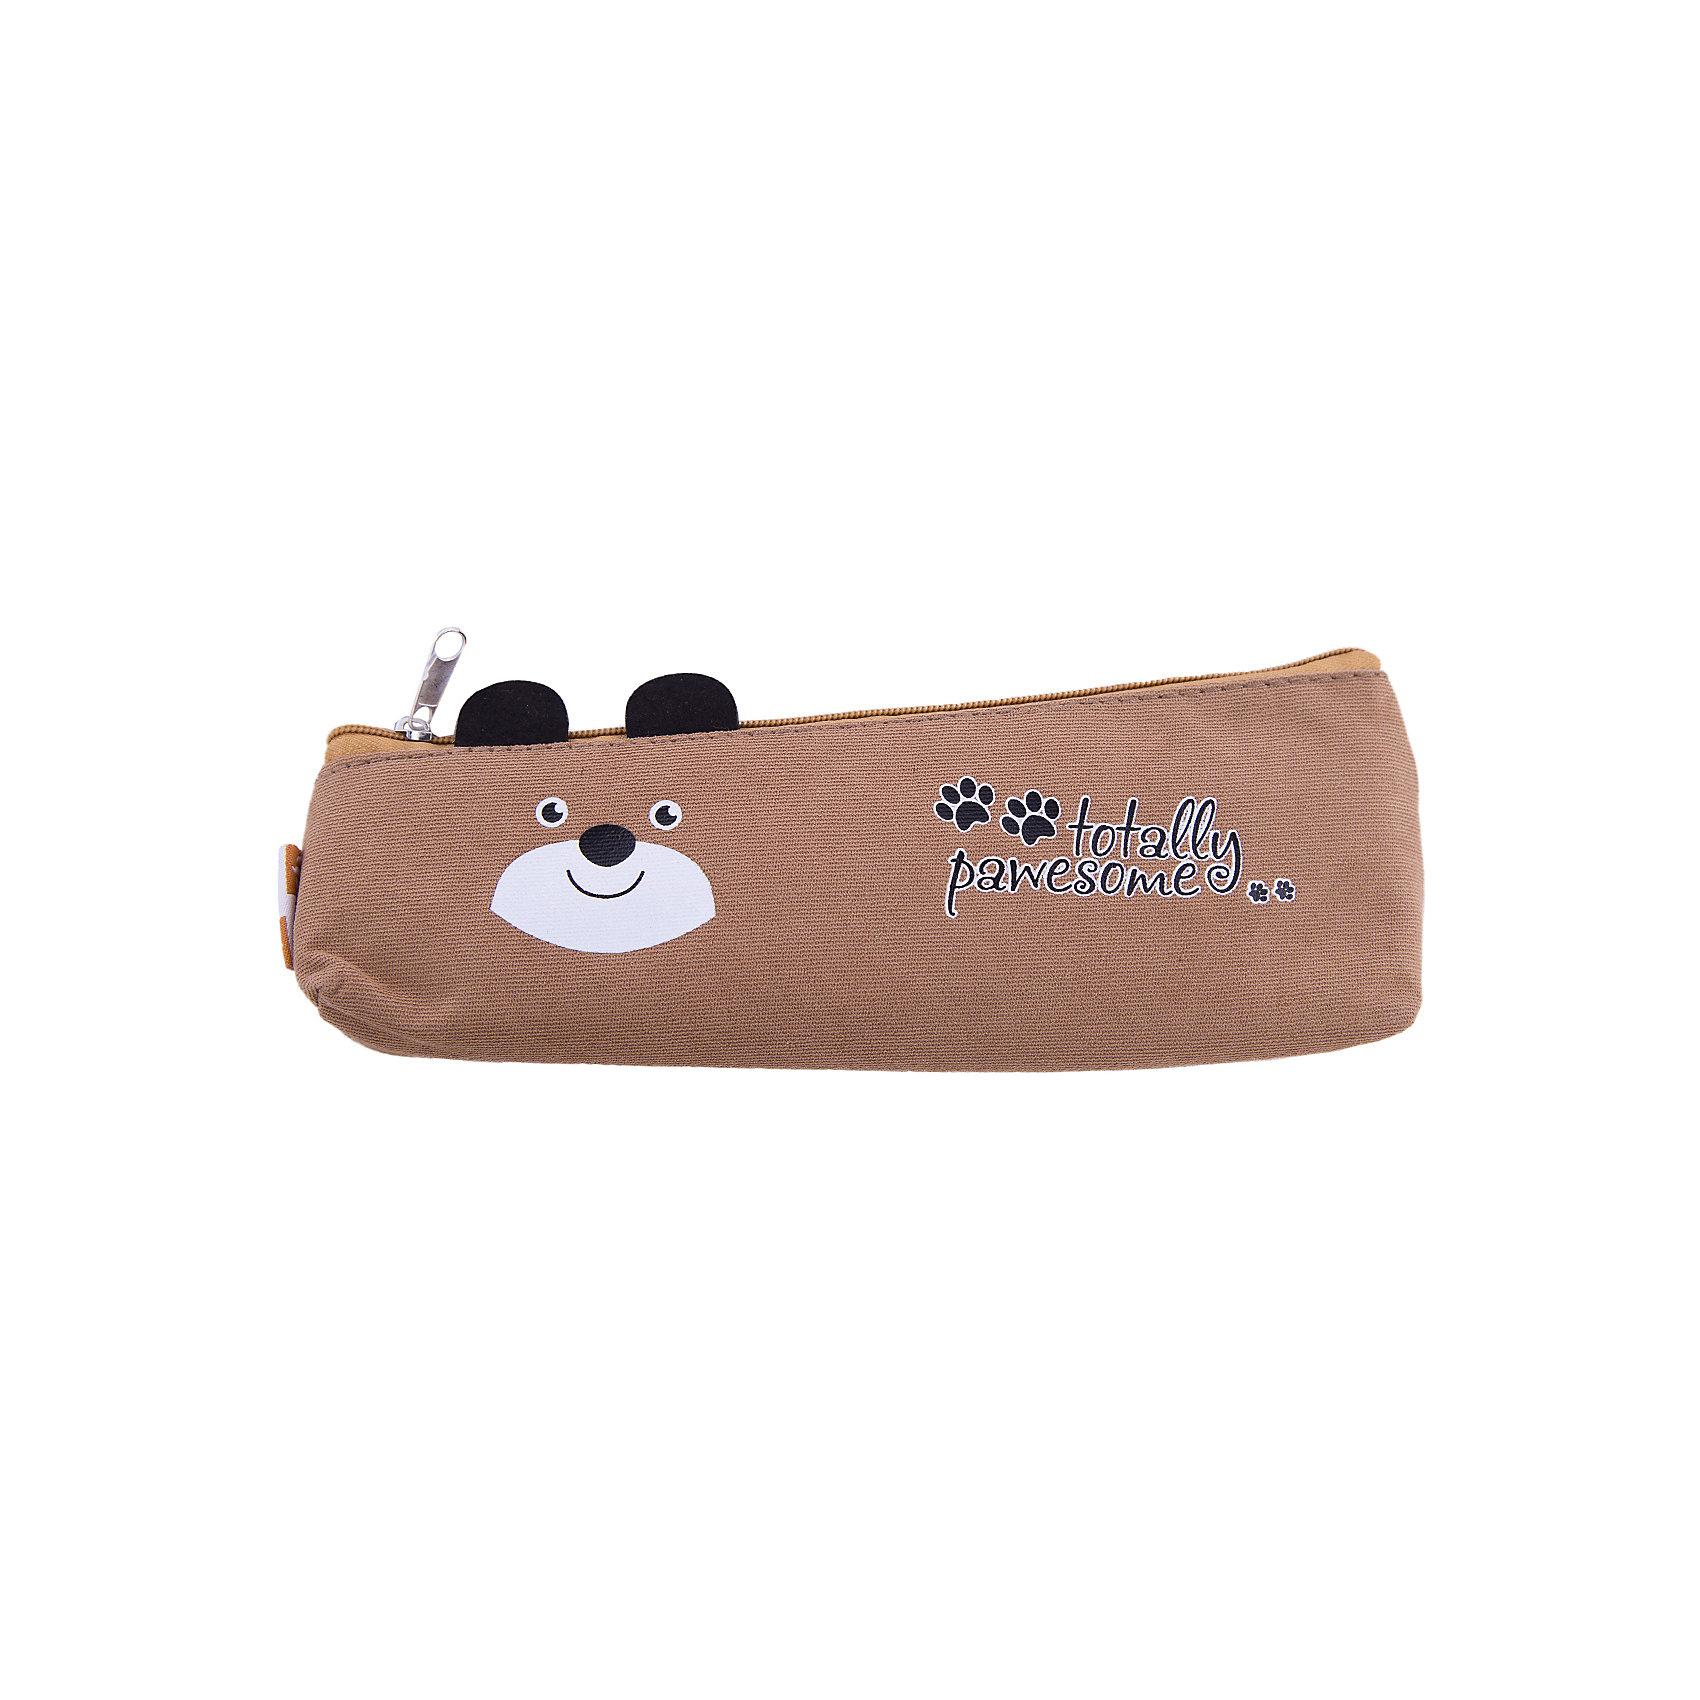 Пенал школьный Бурый мишка Феникс+Пеналы без наполнения<br>Пенал школьный БУРЫЙ МИШКА (без наполнения, 20х5/7,5x4,5см, х/б ткань, печать шелкографией, застеж.-молния, инд. ПЭТ-упак.)<br><br>Ширина мм: 210<br>Глубина мм: 80<br>Высота мм: 25<br>Вес г: 20<br>Возраст от месяцев: 72<br>Возраст до месяцев: 2147483647<br>Пол: Унисекс<br>Возраст: Детский<br>SKU: 7046355